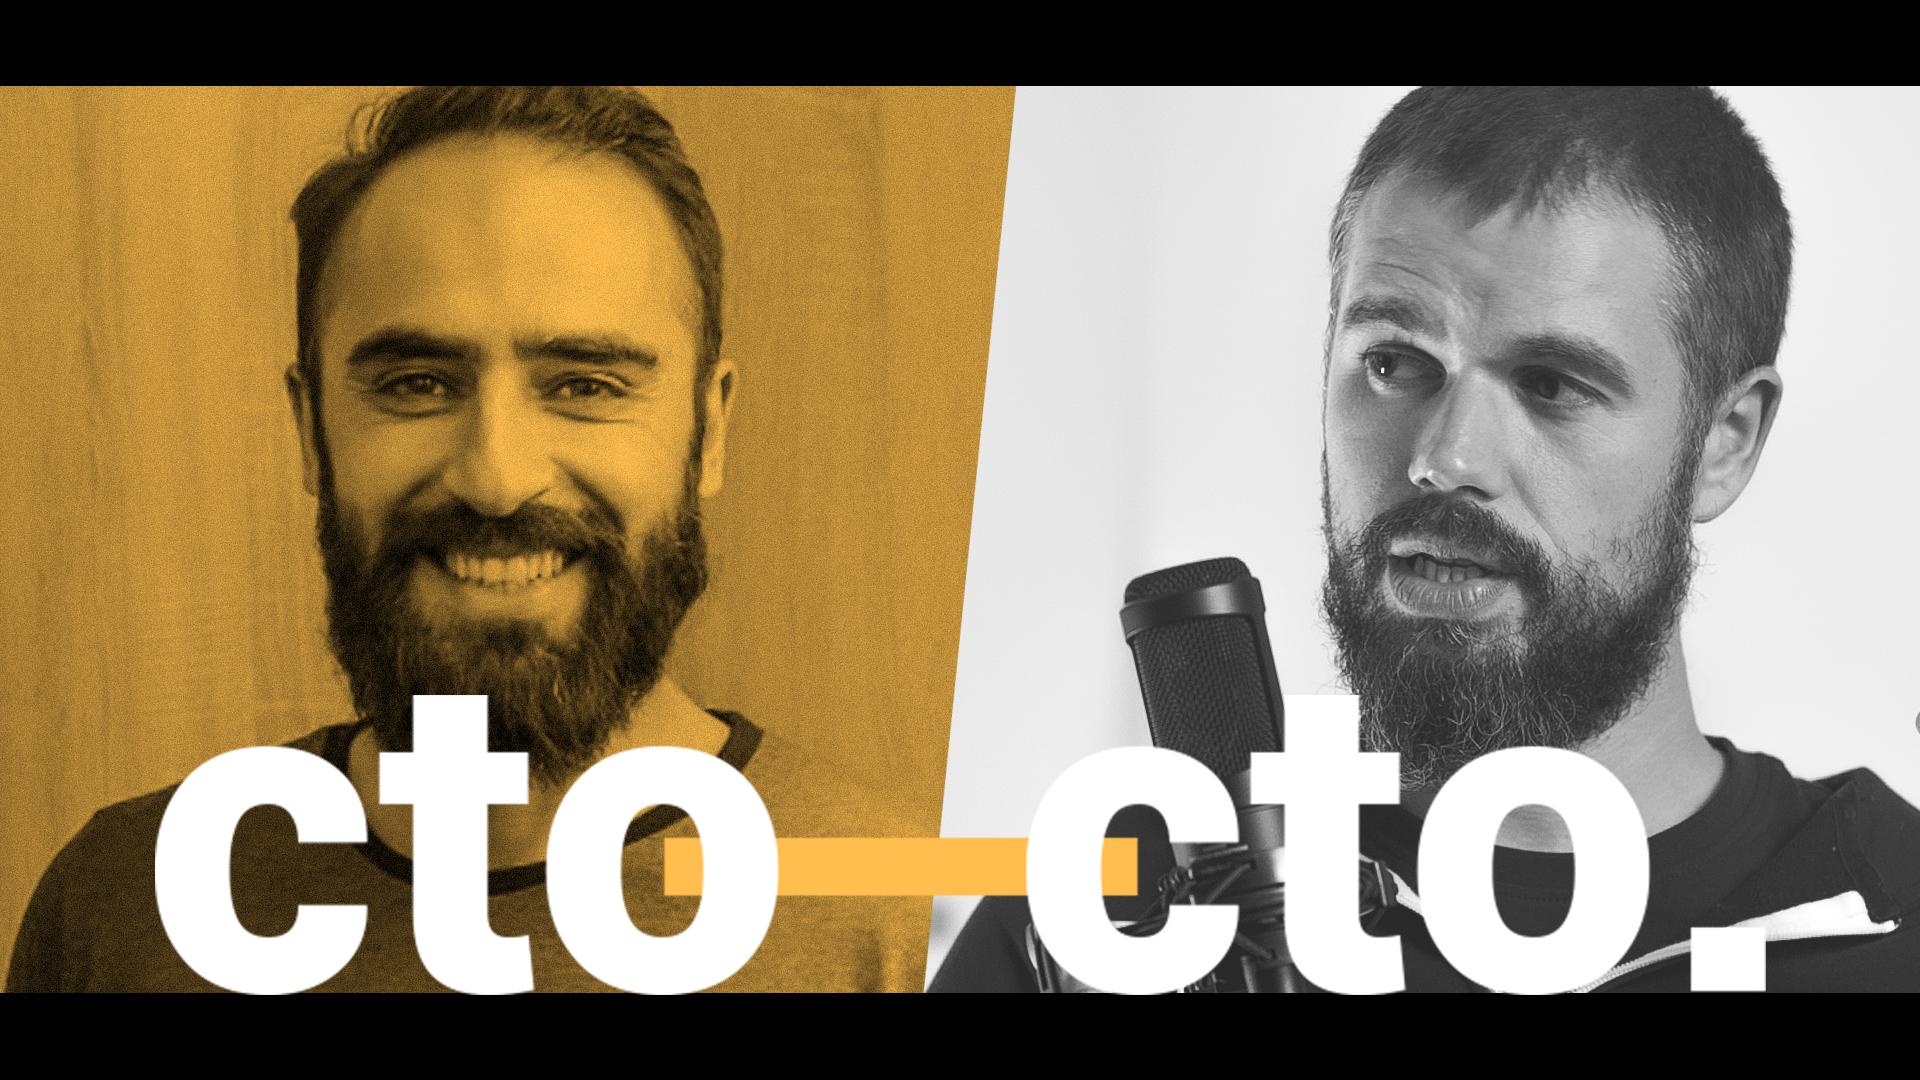 cto_cto_podcast_cover_1